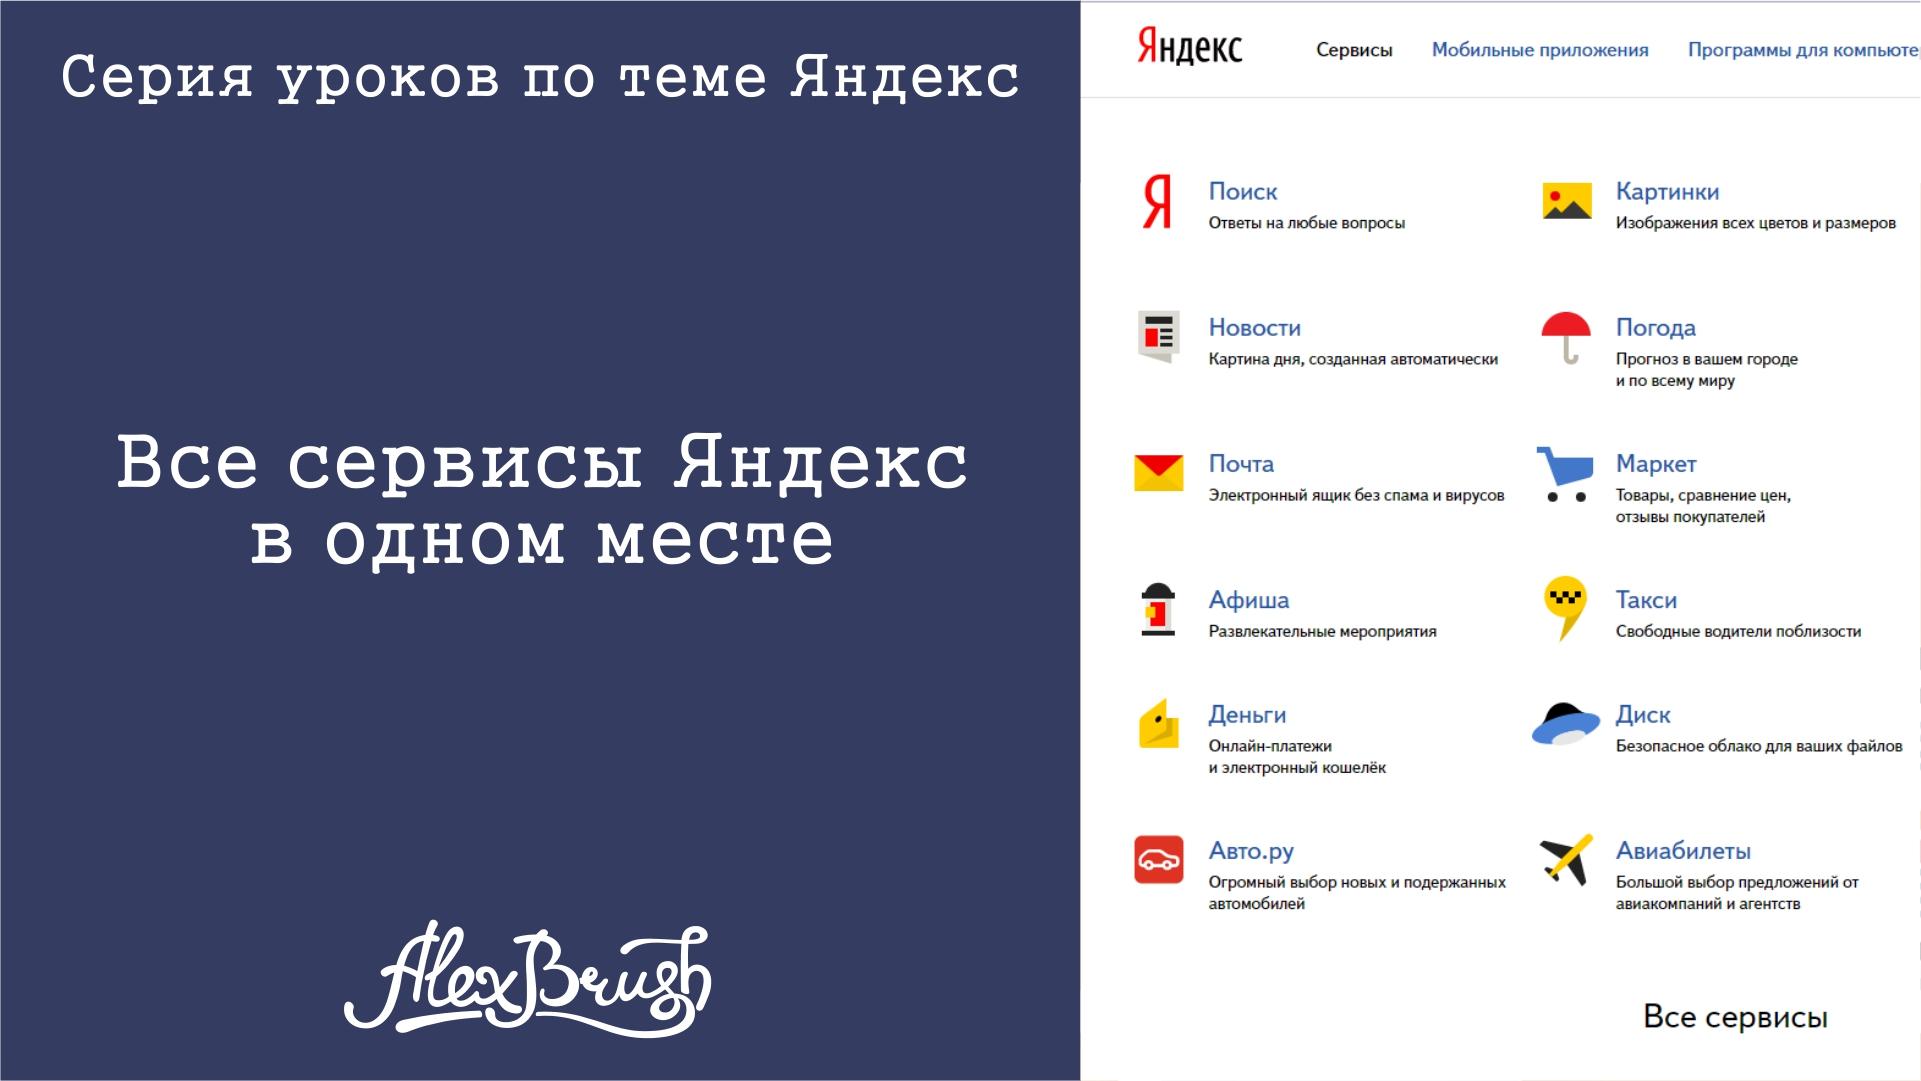 Сервисы Яндекса. Обзор всех сервисов Яндекс